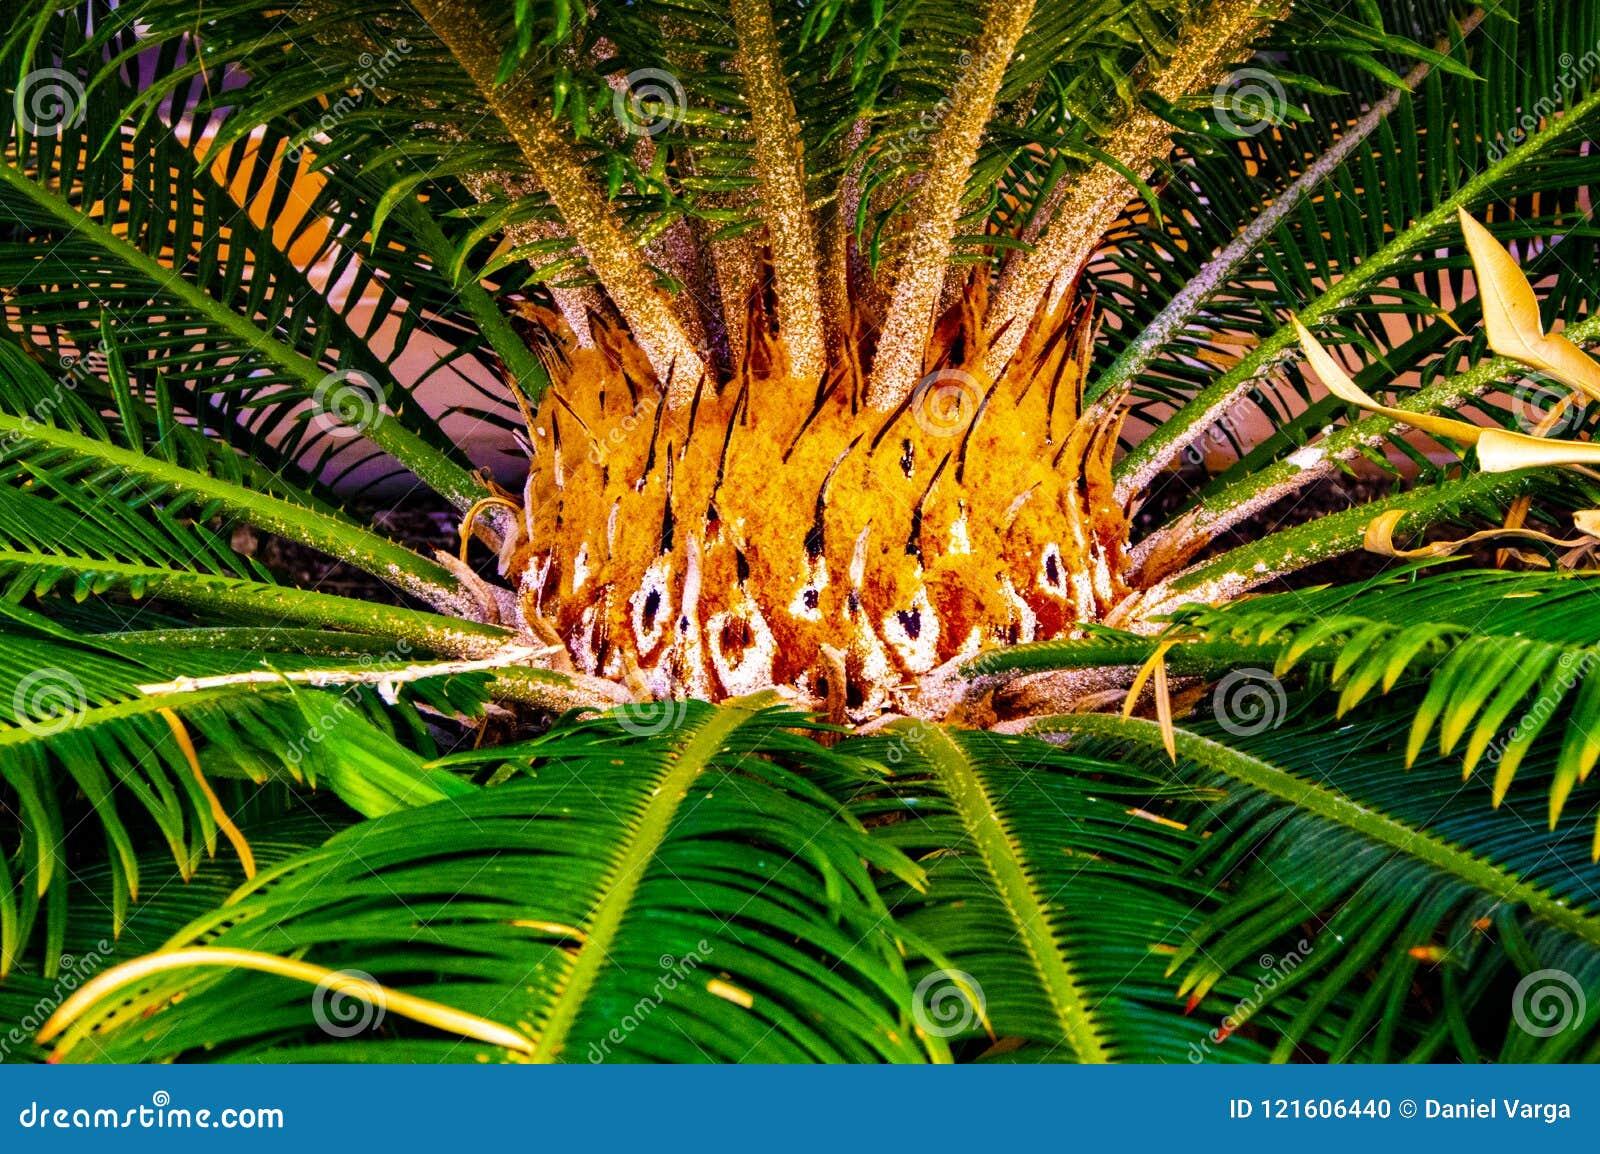 Dekorativ detaljerad mitt av en grön palmträd som flammor